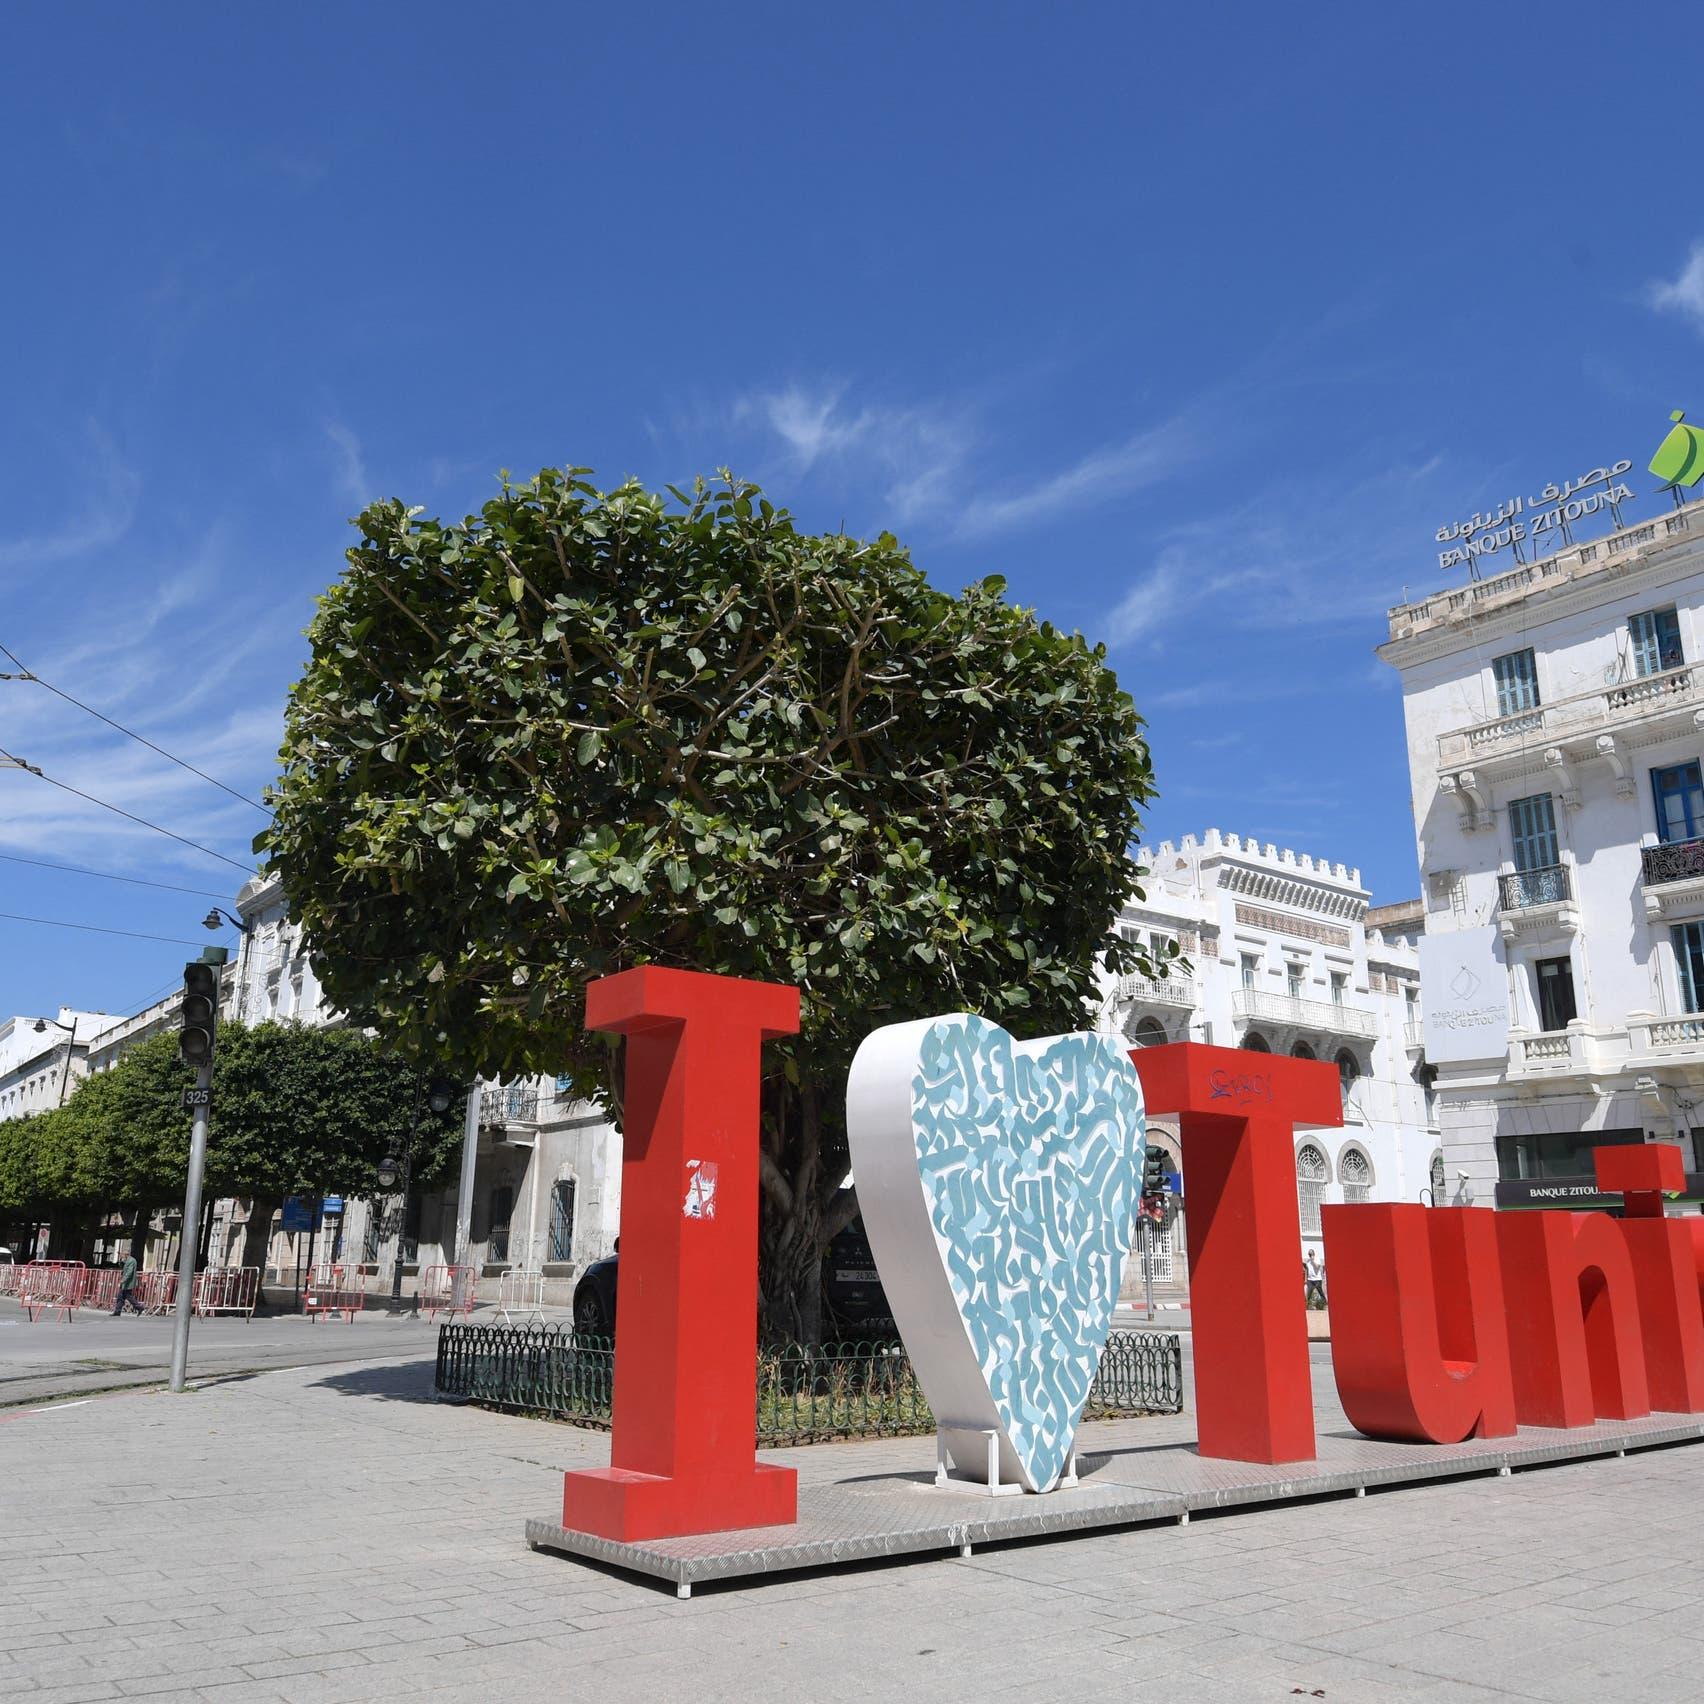 حراك سياسي في تونس..هل يقود لحلحلة الأزمة أم تعقيدها؟